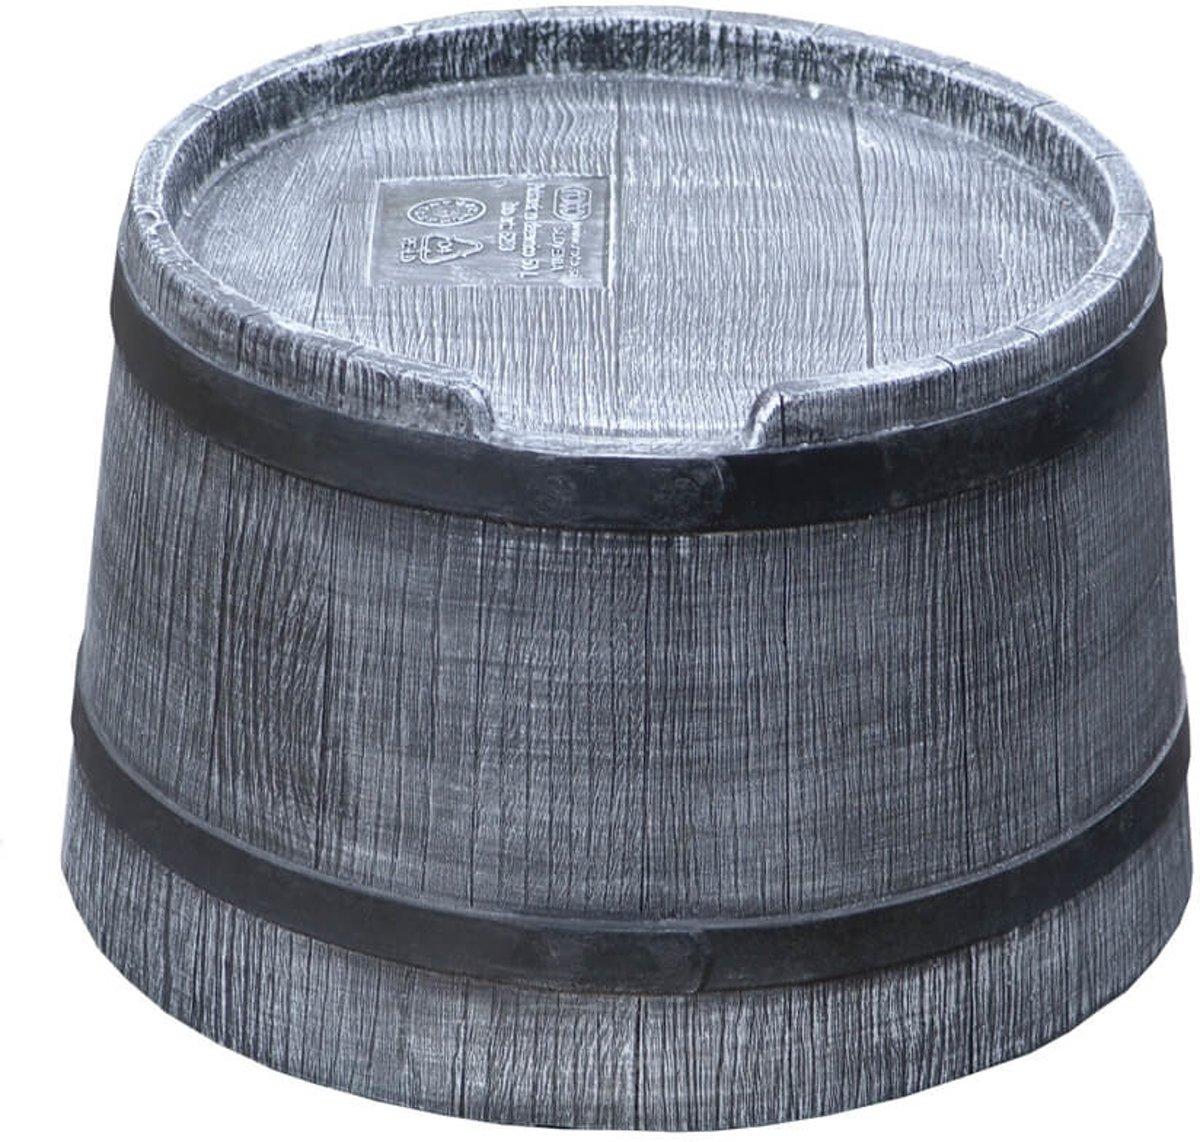 Roto voet voor regenton 50 liter kunststof houtlook grijs kopen